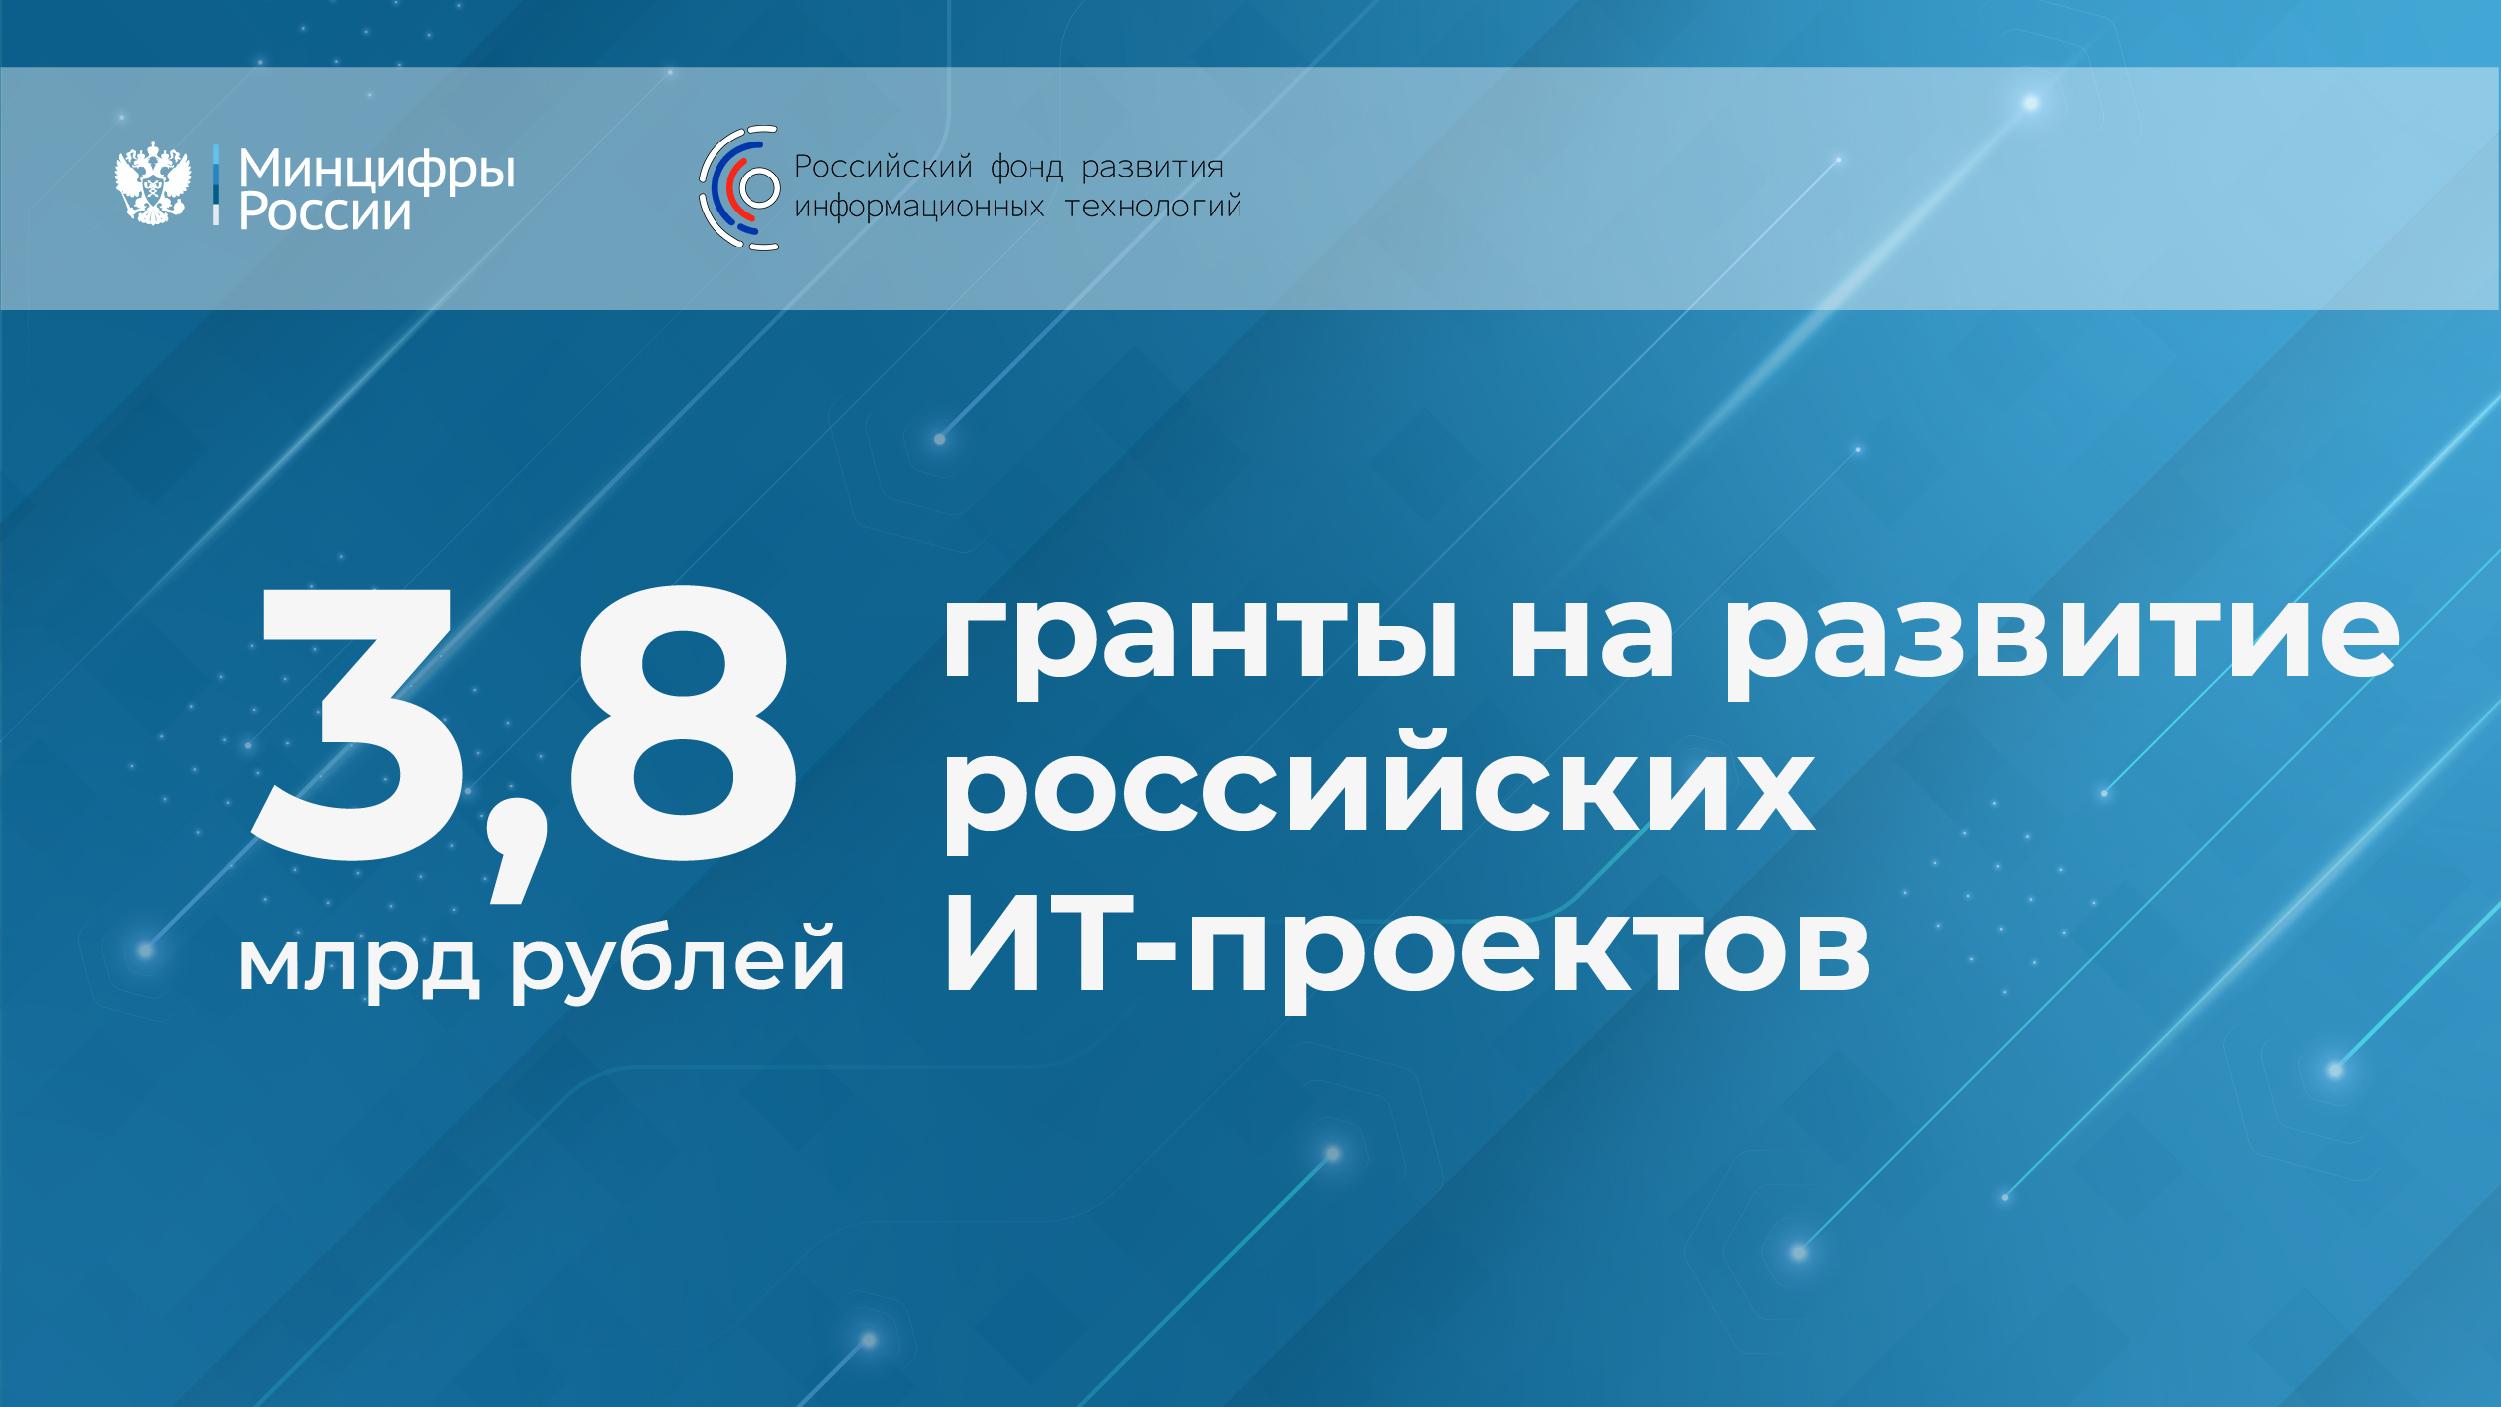 Российские ИТ-проекты